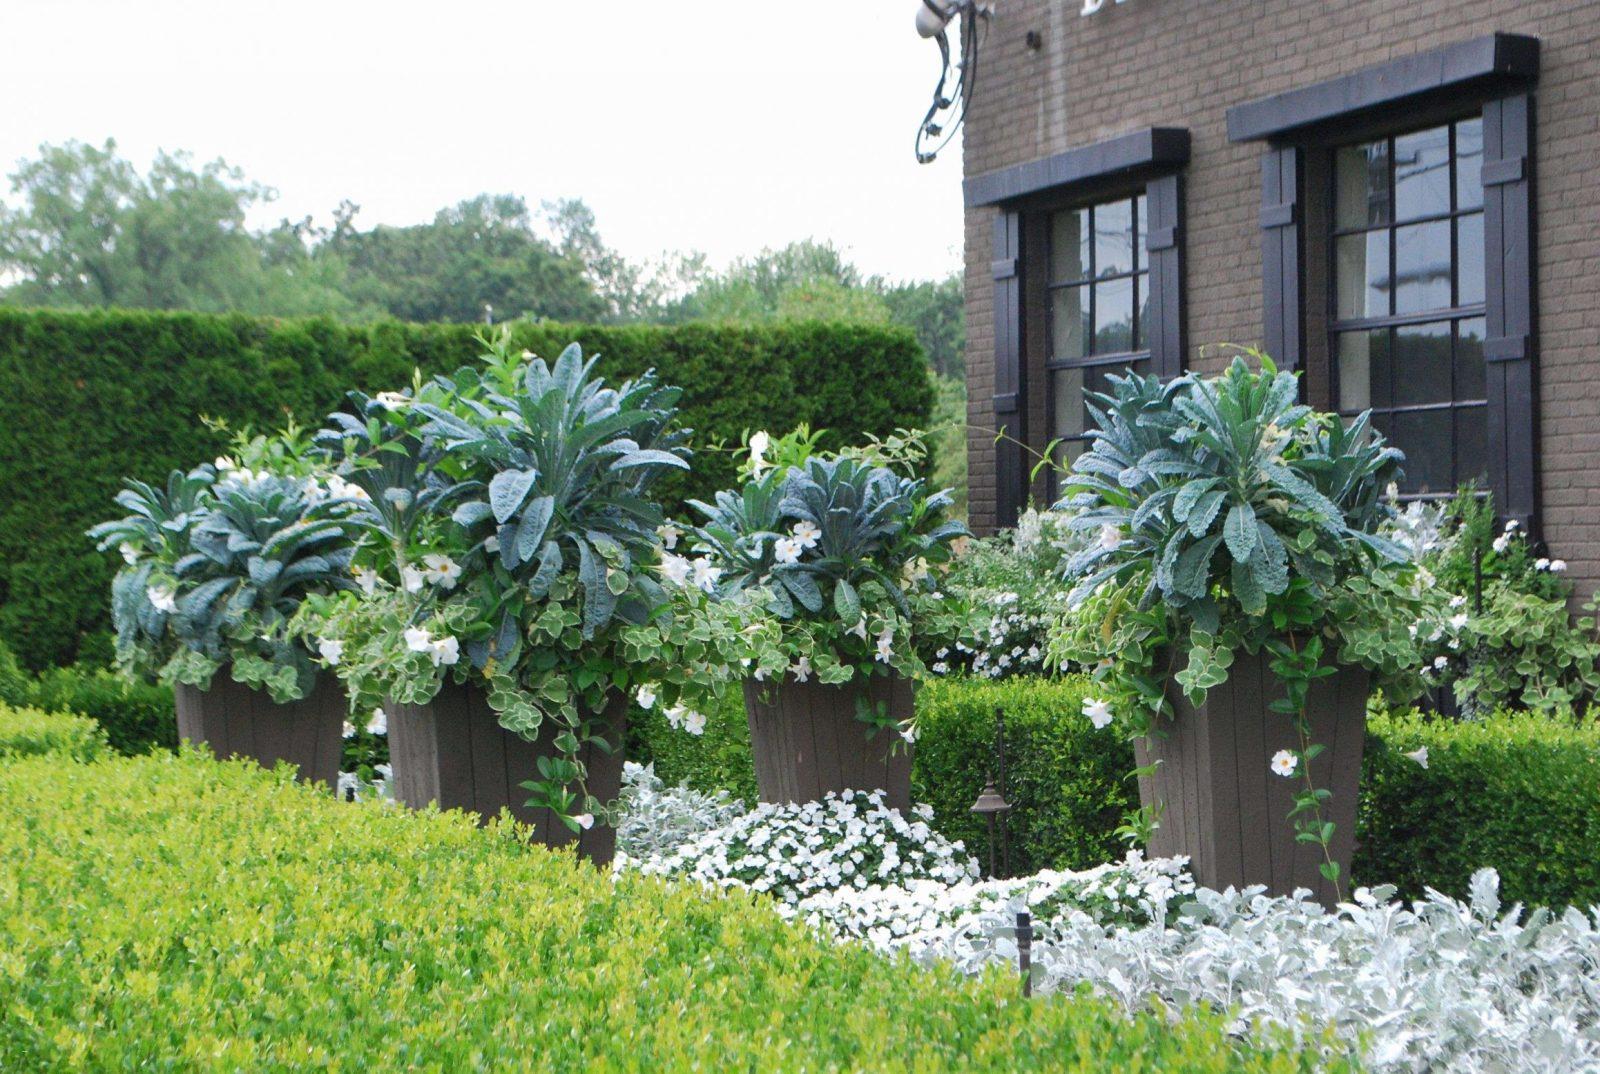 Garten Gestalten Mit Pflanzsteinen Neu Gartengestaltung Mit von Garten Gestalten Mit Pflanzsteinen Photo